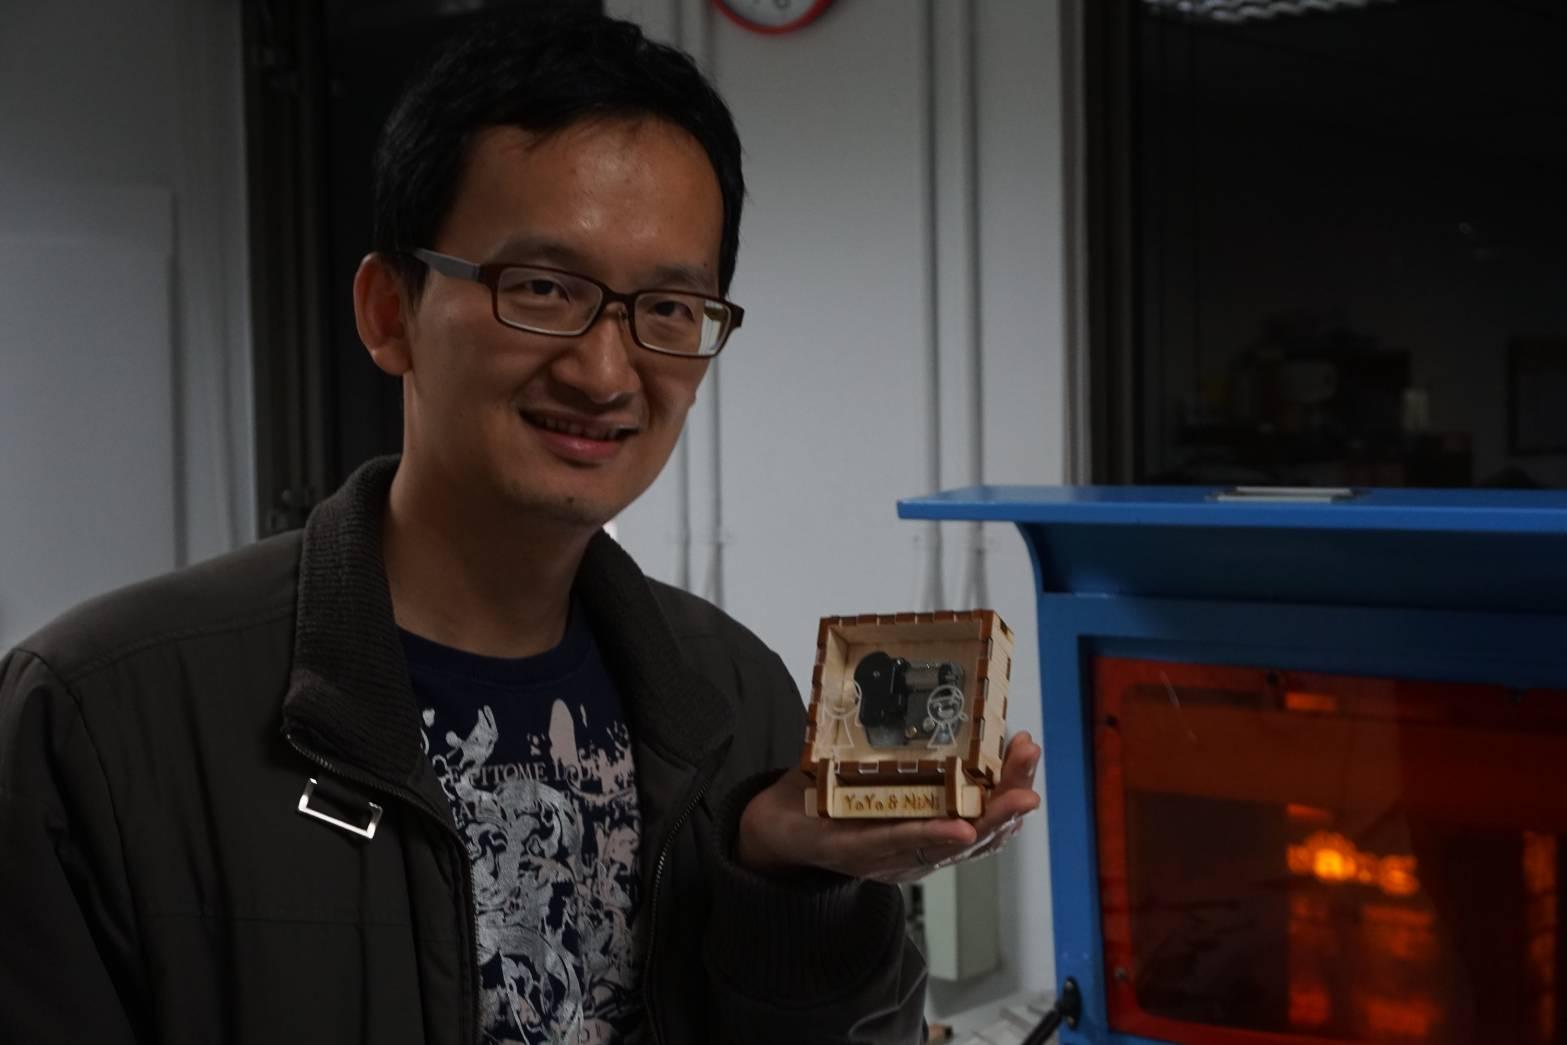 書鴻參加雷雕音樂盒課程製作音樂盒給女兒